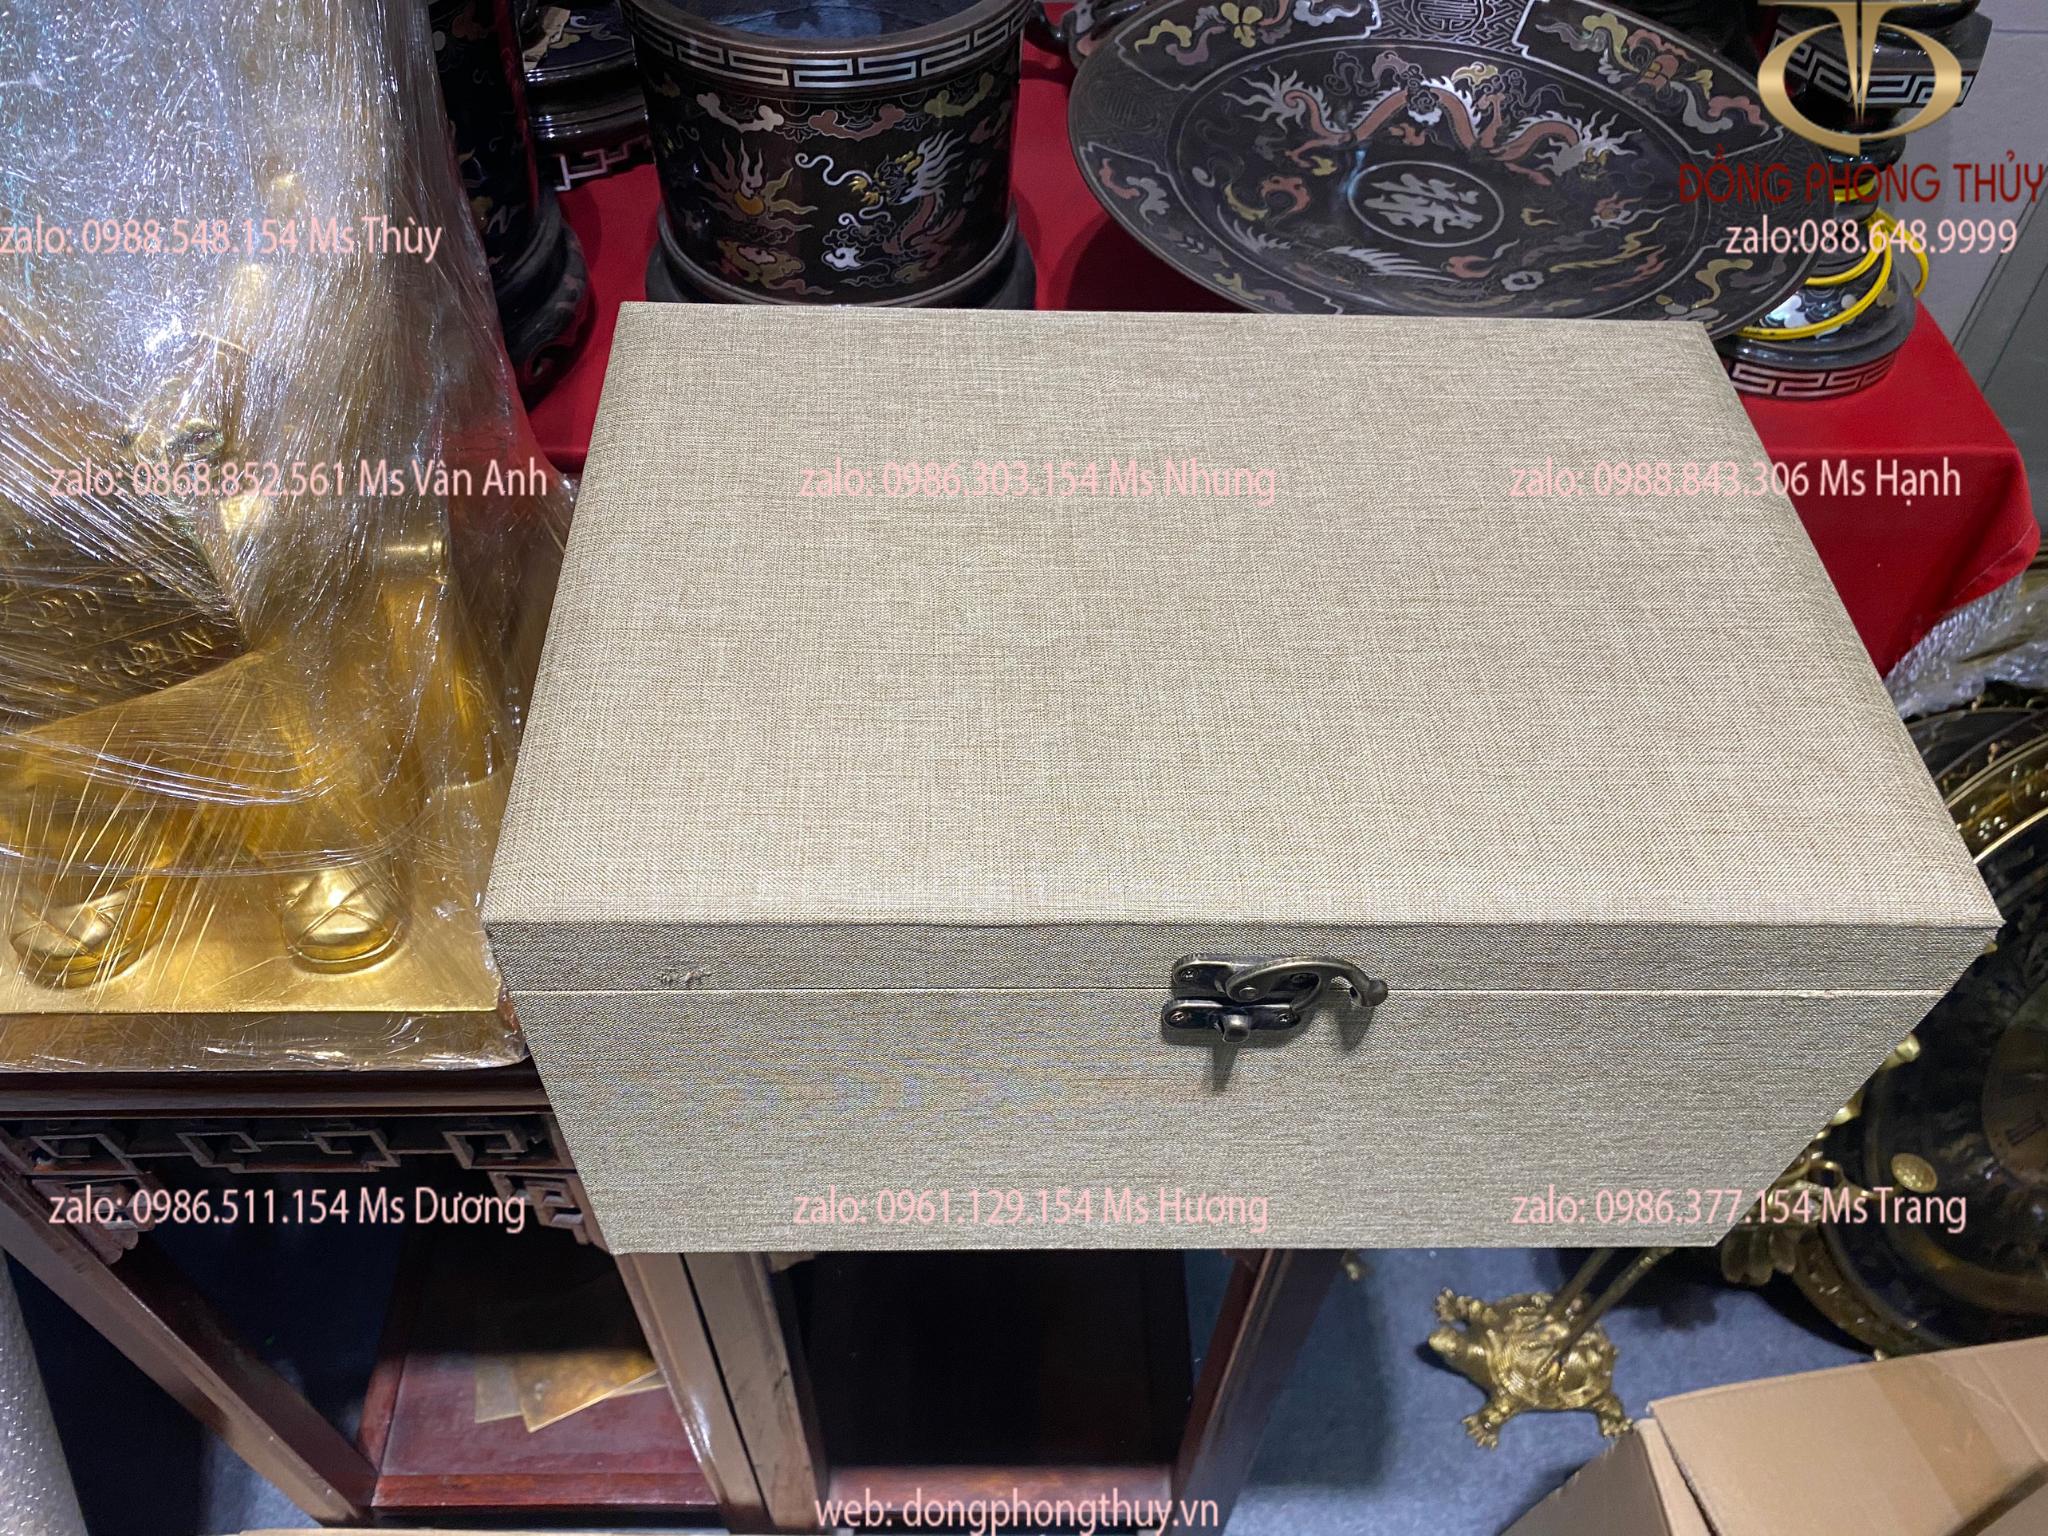 Tượng trâu vip bằng đồng cao 19,5 dài 30 nặng 3kg